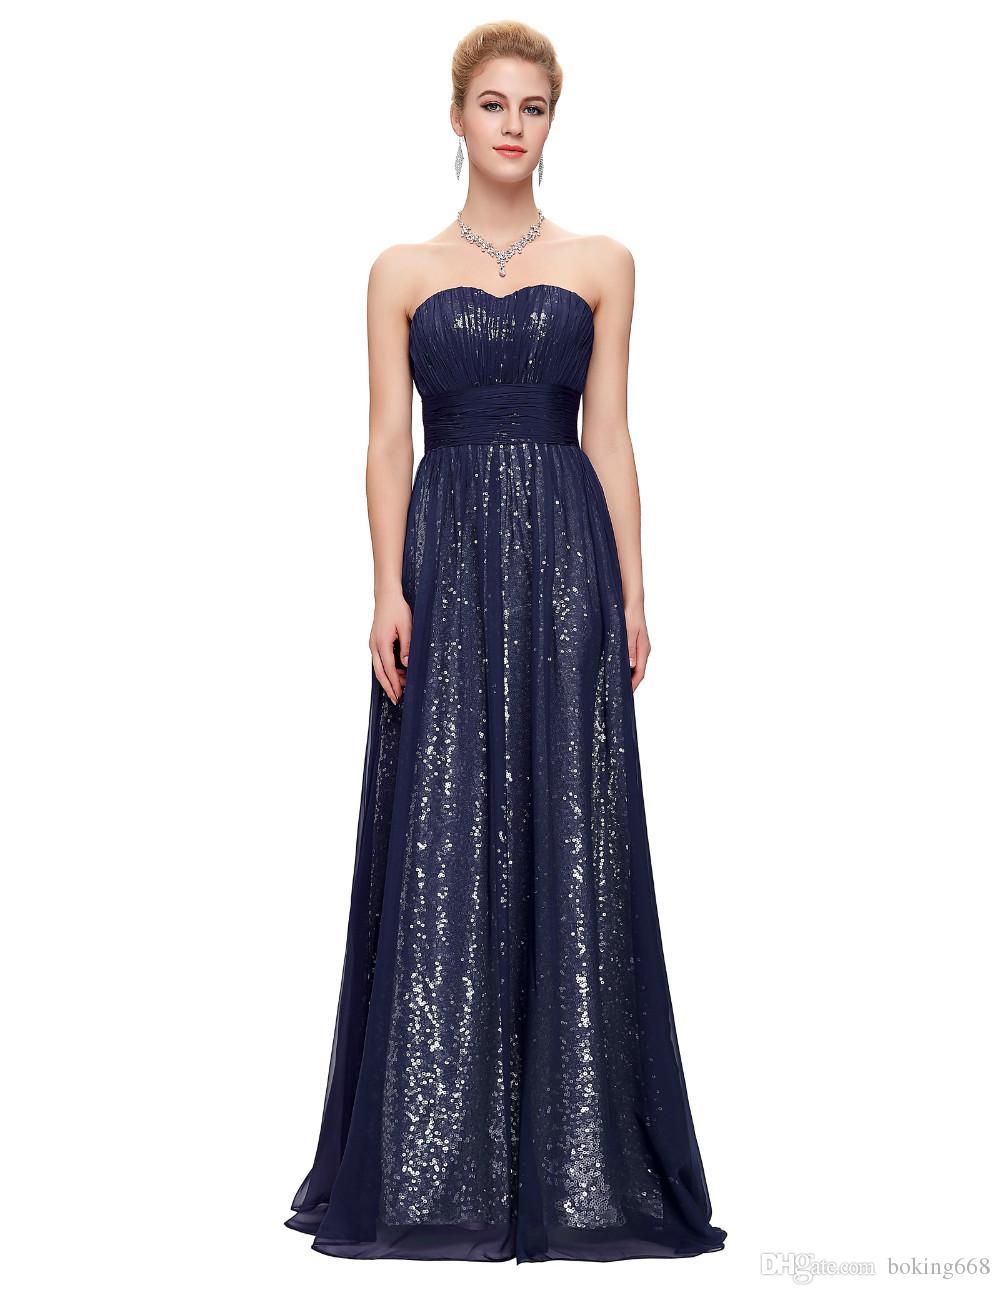 Großhandel Pailletten Formale Elegante Ballkleider 14 Neueste Junior  Abendkleider Lang Schatz Sleeveless Vestidos Abendkleid Robe De Soiree Von